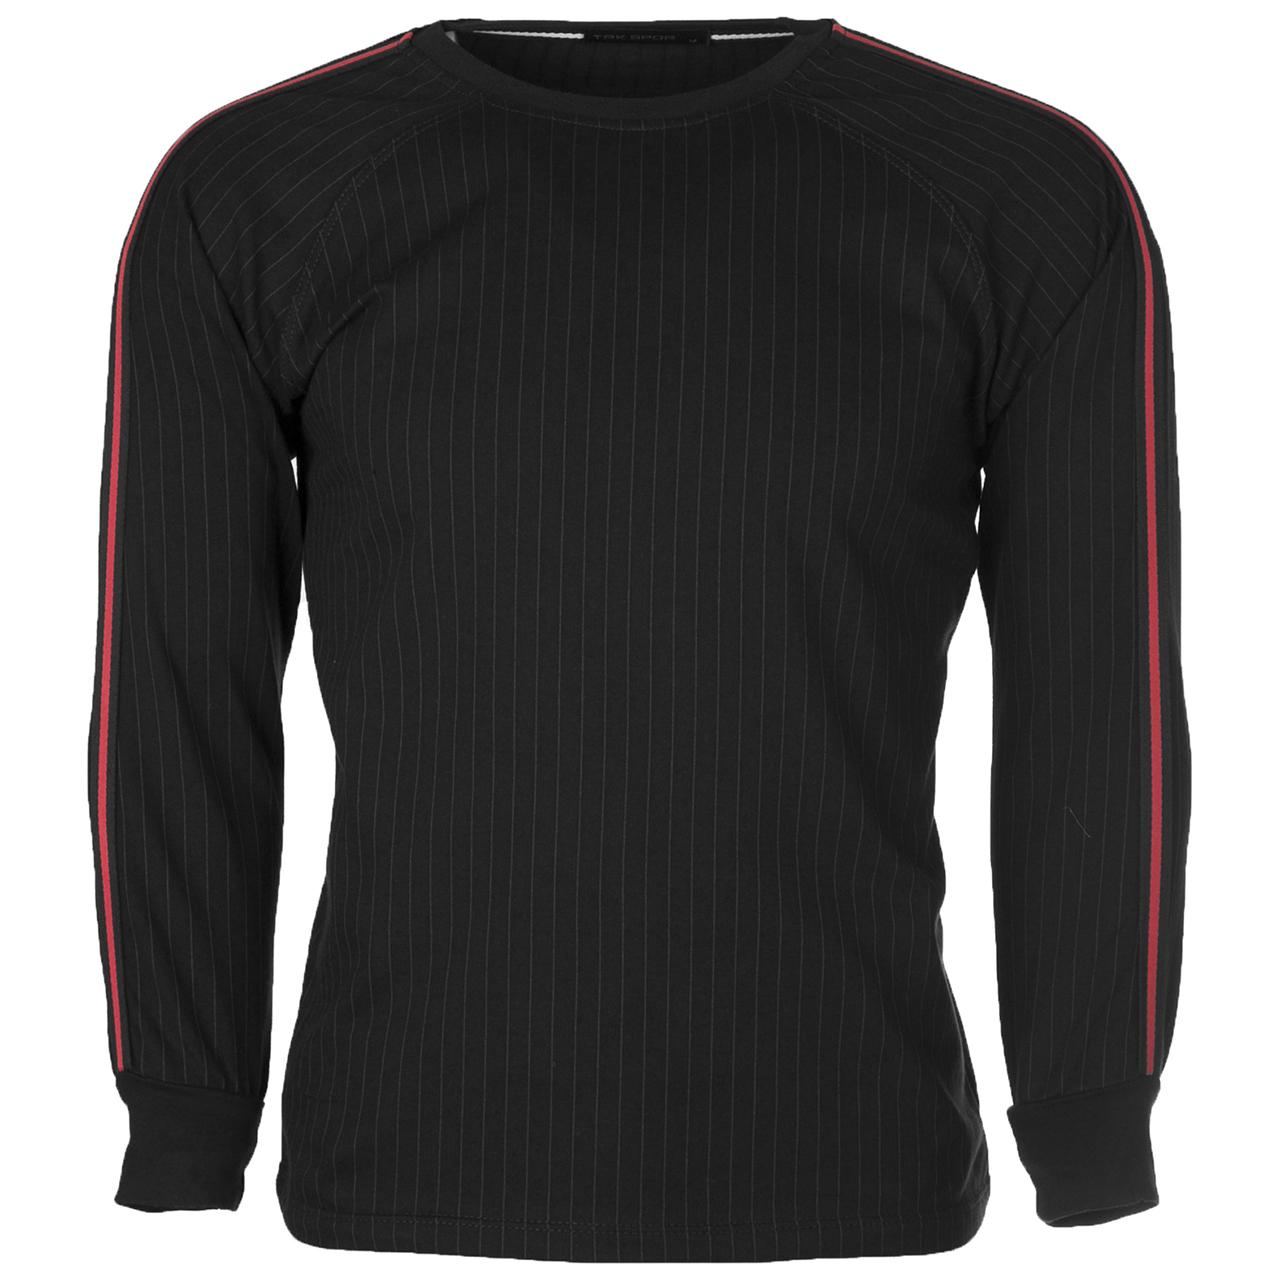 قیمت تی شرت آستین بلند مردانه تارکان کد 262-1